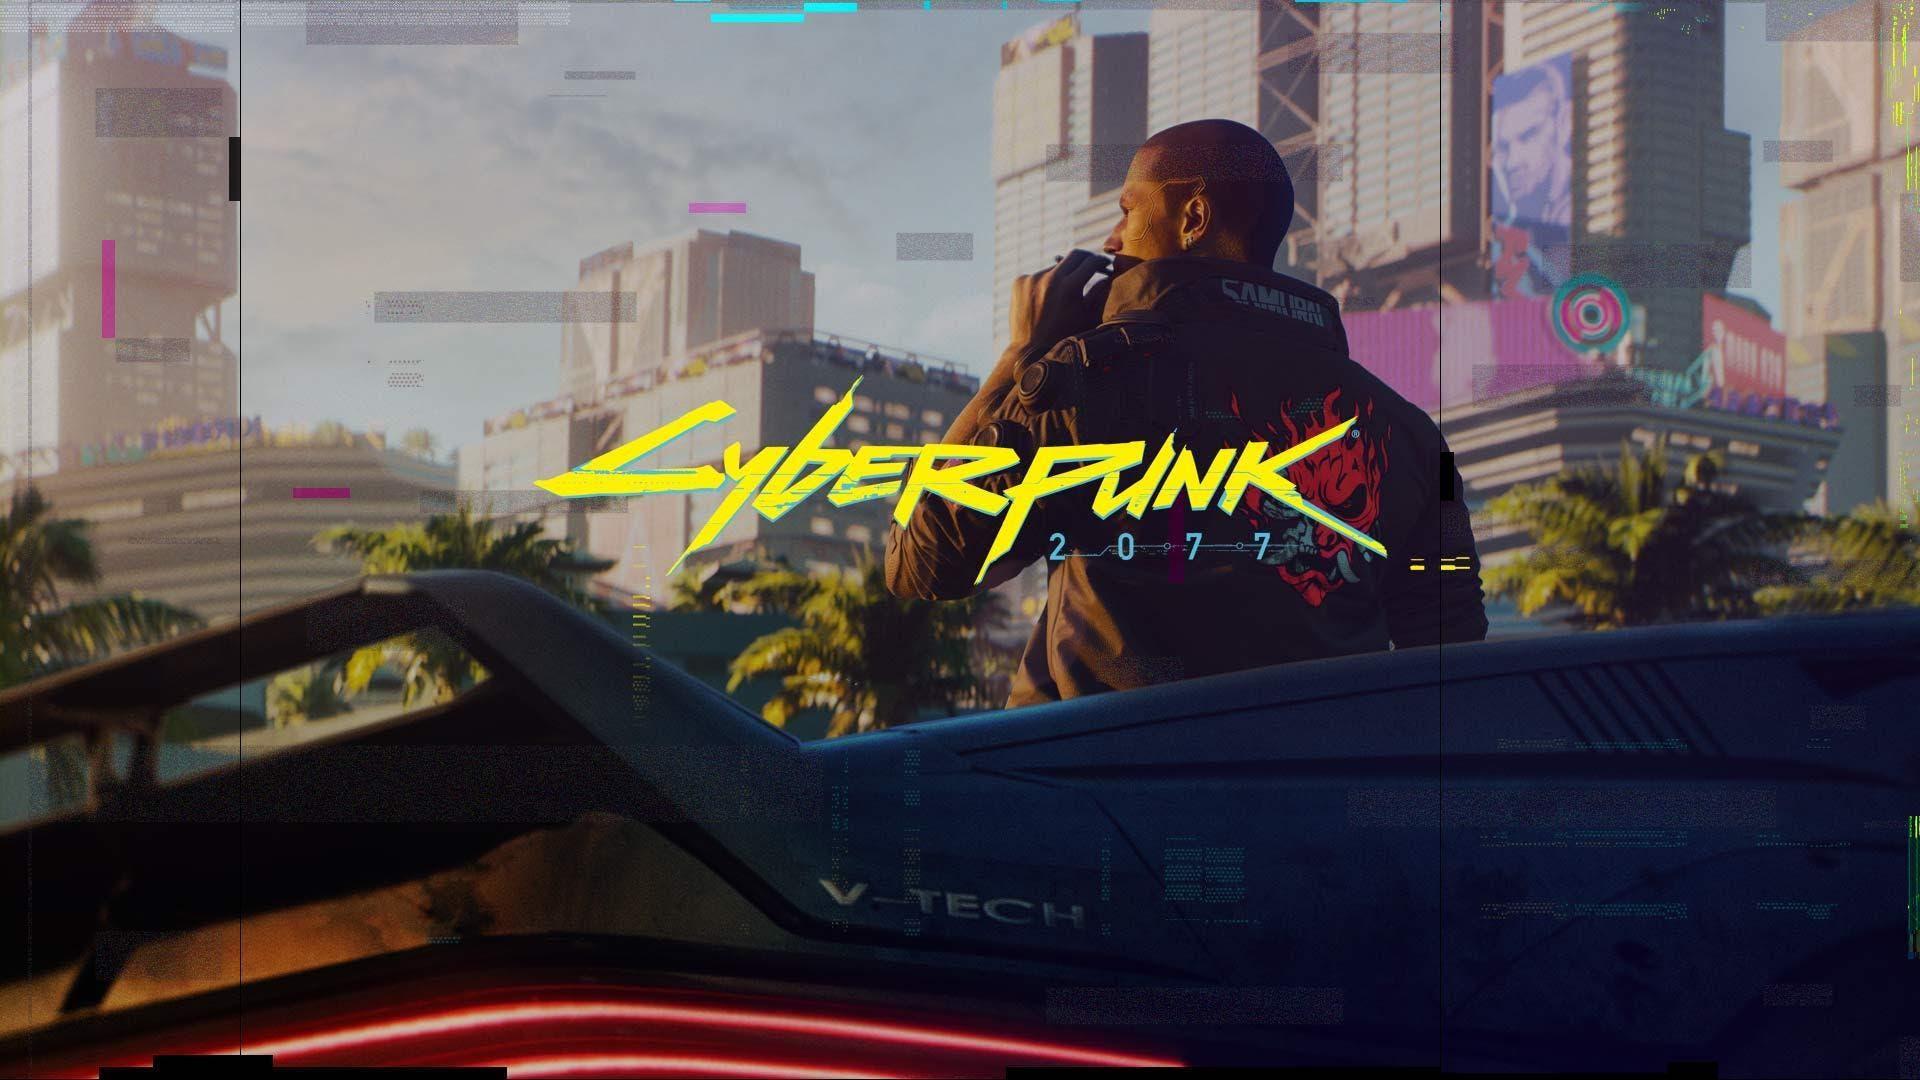 Una nueva imagen de Cyberpunk 2077 revela nuevos detalles